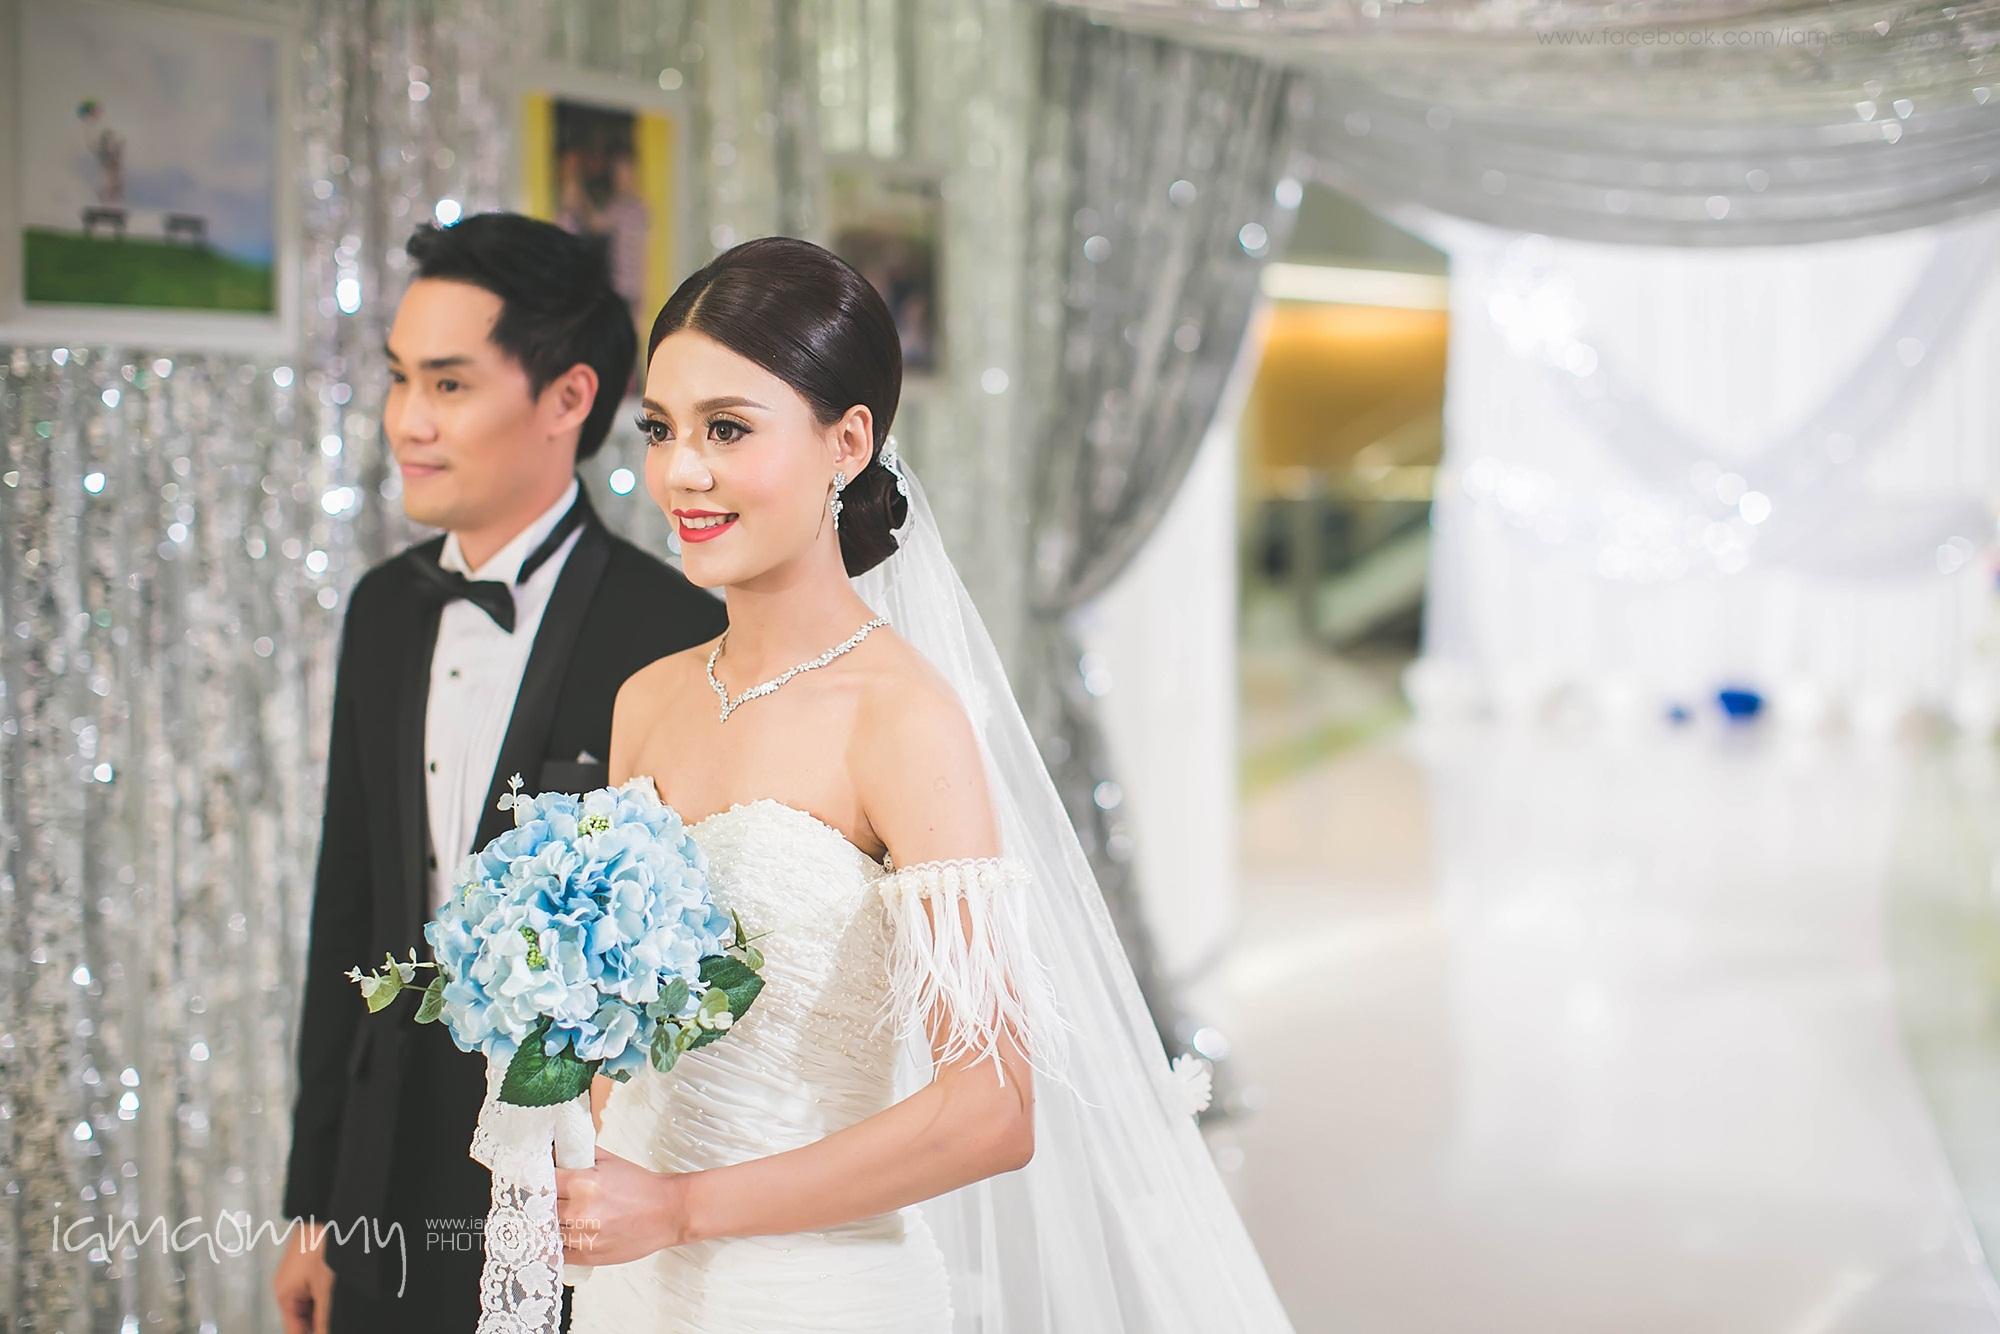 ถ่ายรูปแต่งงาน_IMG_9429